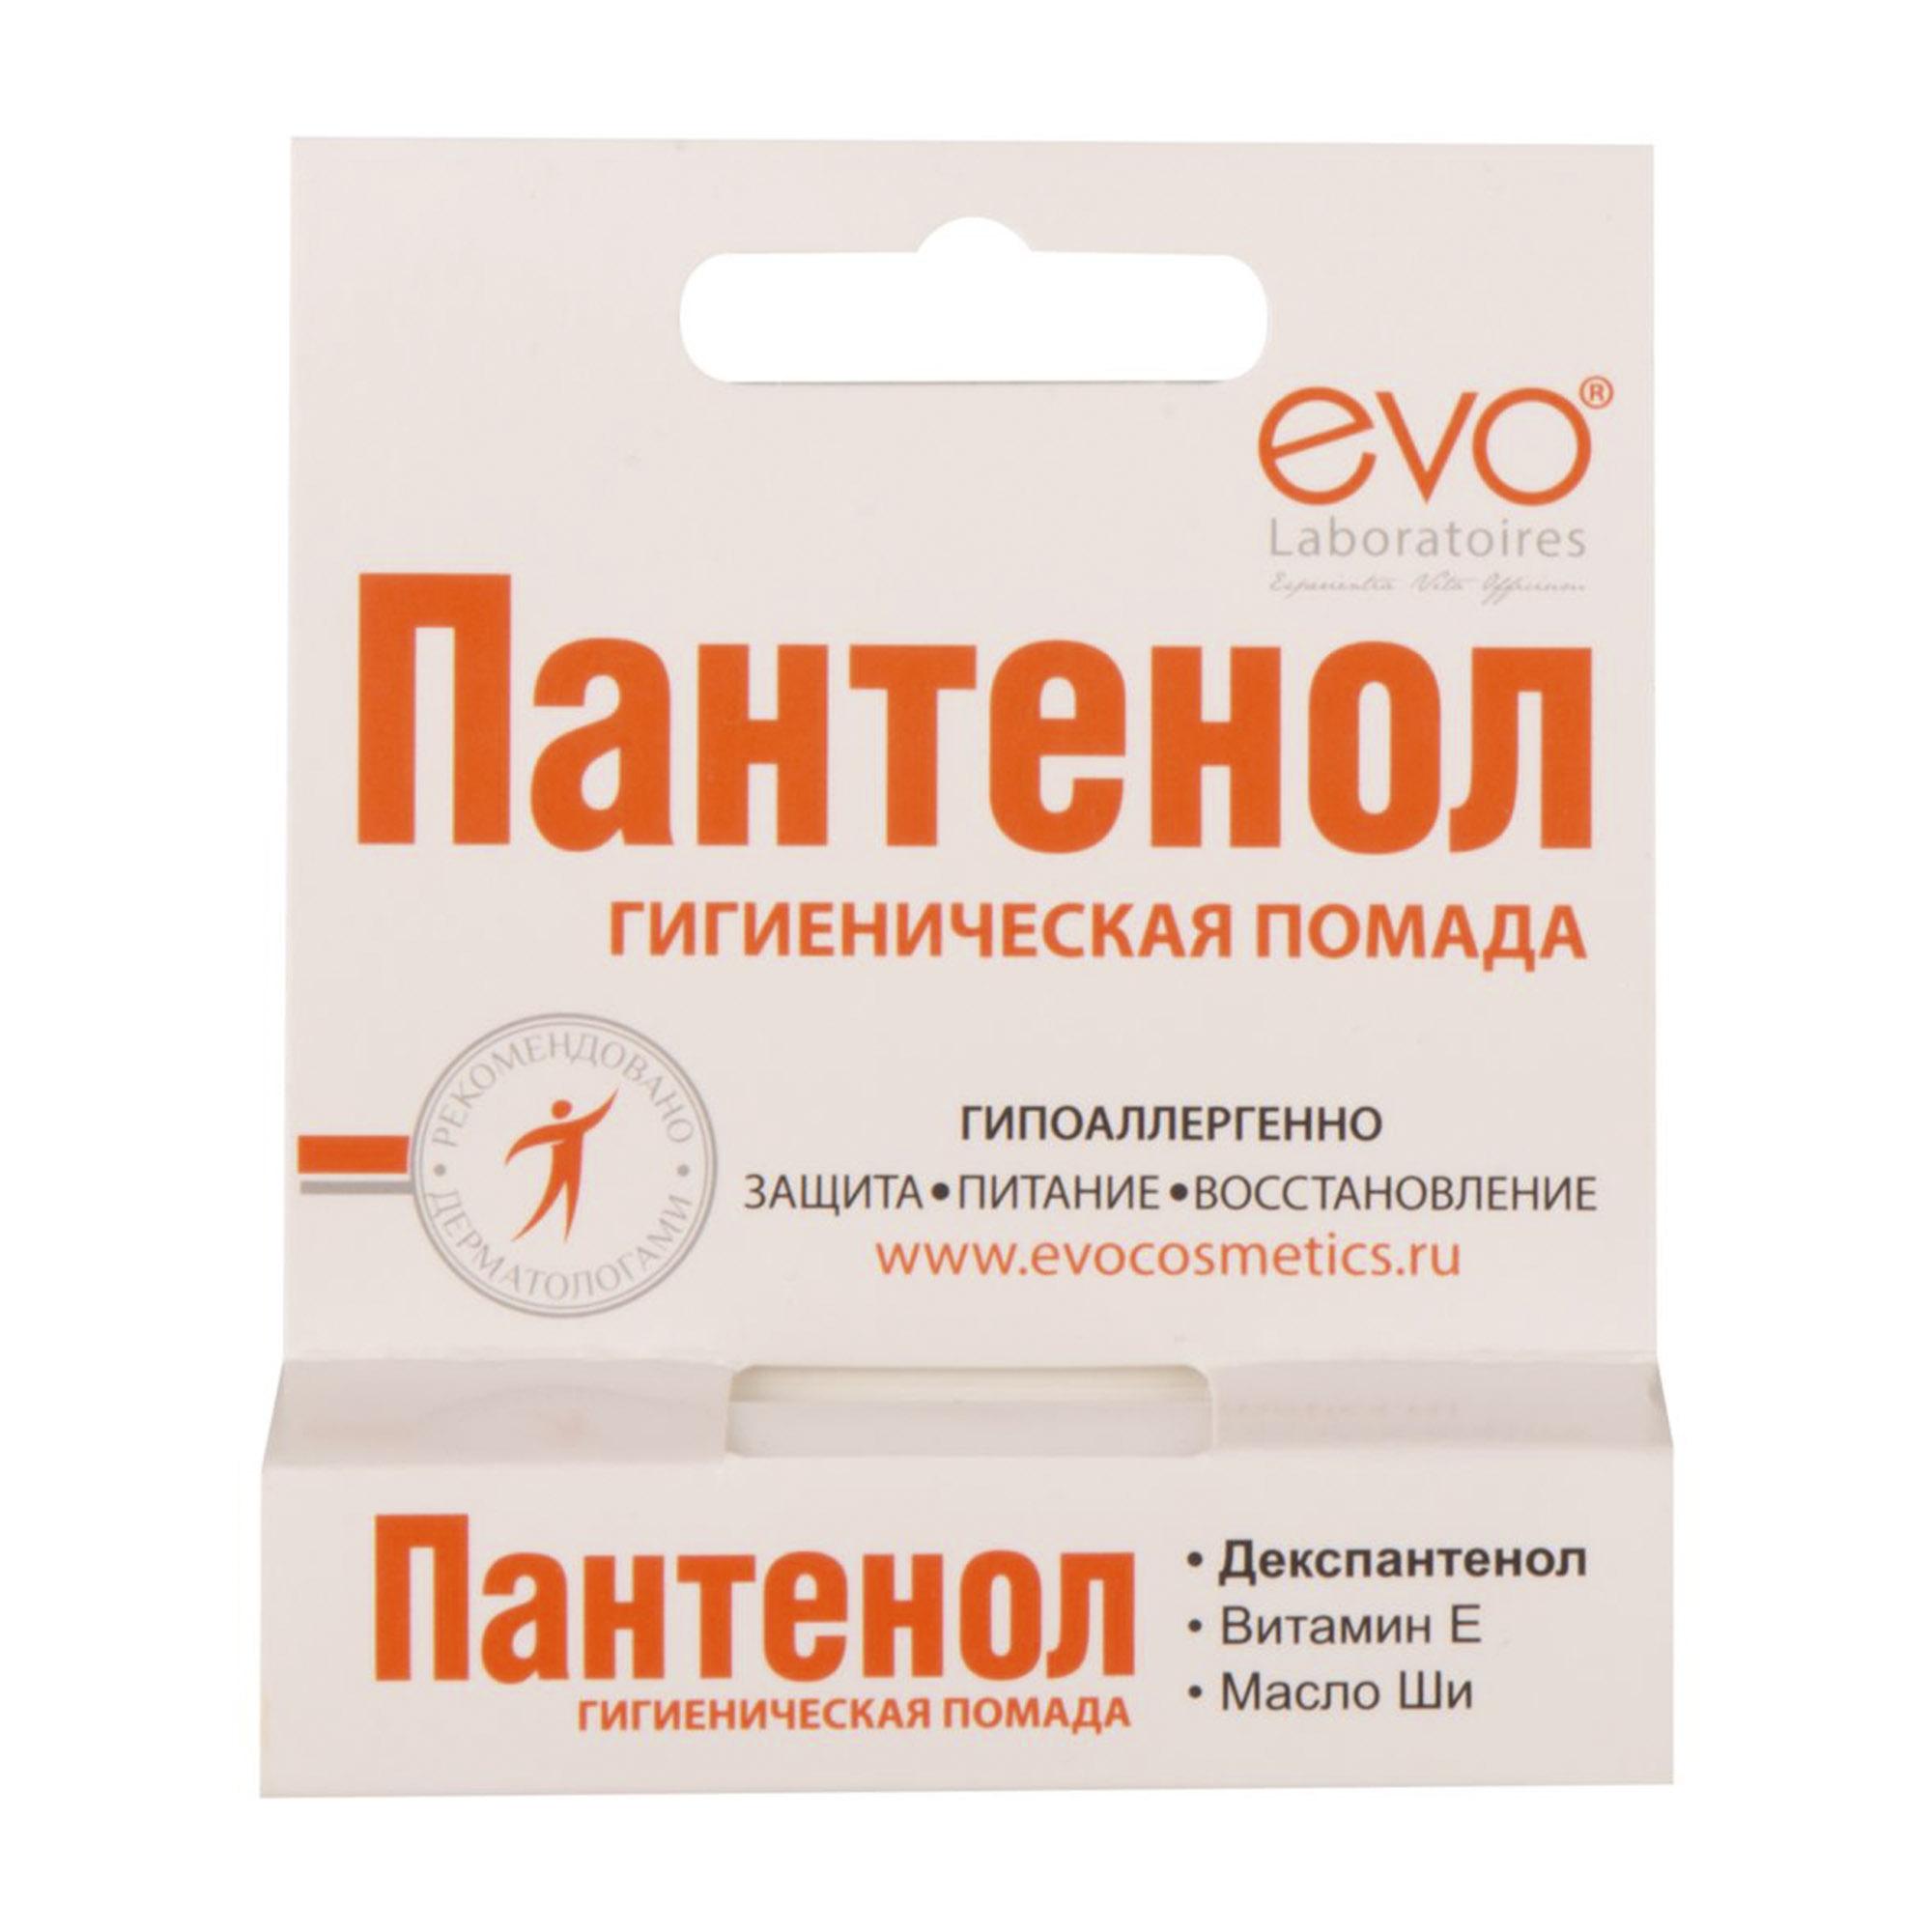 Губная помада гигиеническая Аванта Evo Пантенол 2,8 г